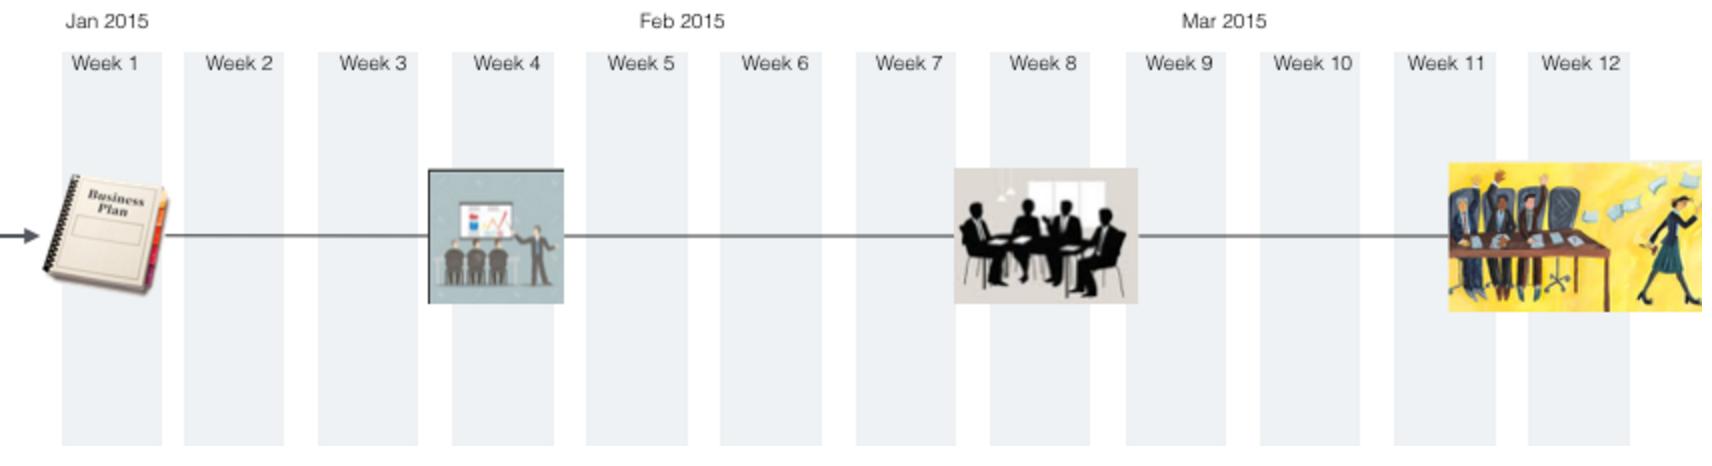 Business Model Timeline 1